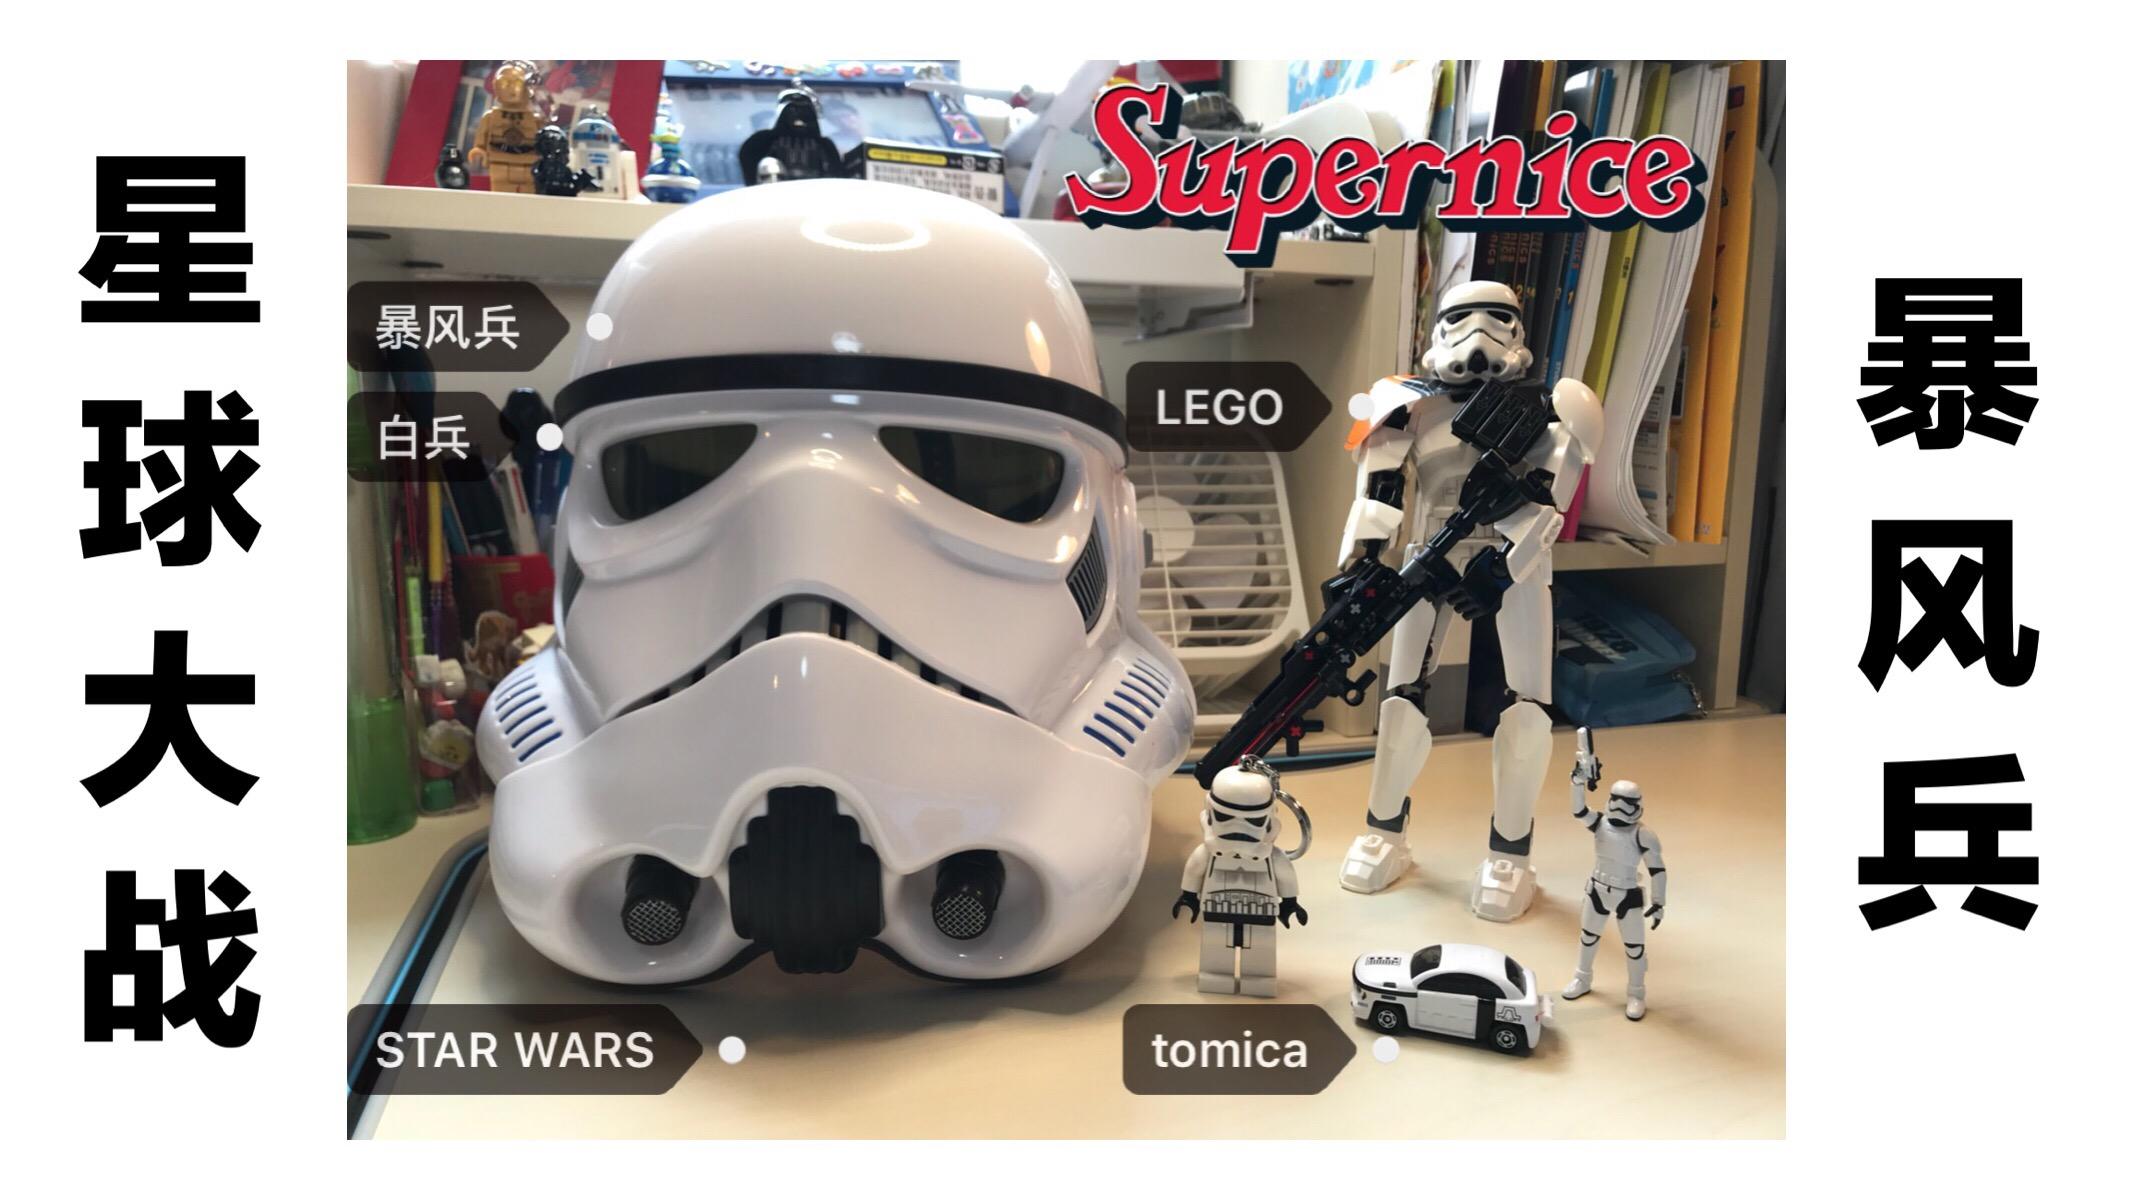 乐高这个大坑 篇五十六:白兵真爱粉!Lego 乐高 75531 Star Wars 白兵模型开箱